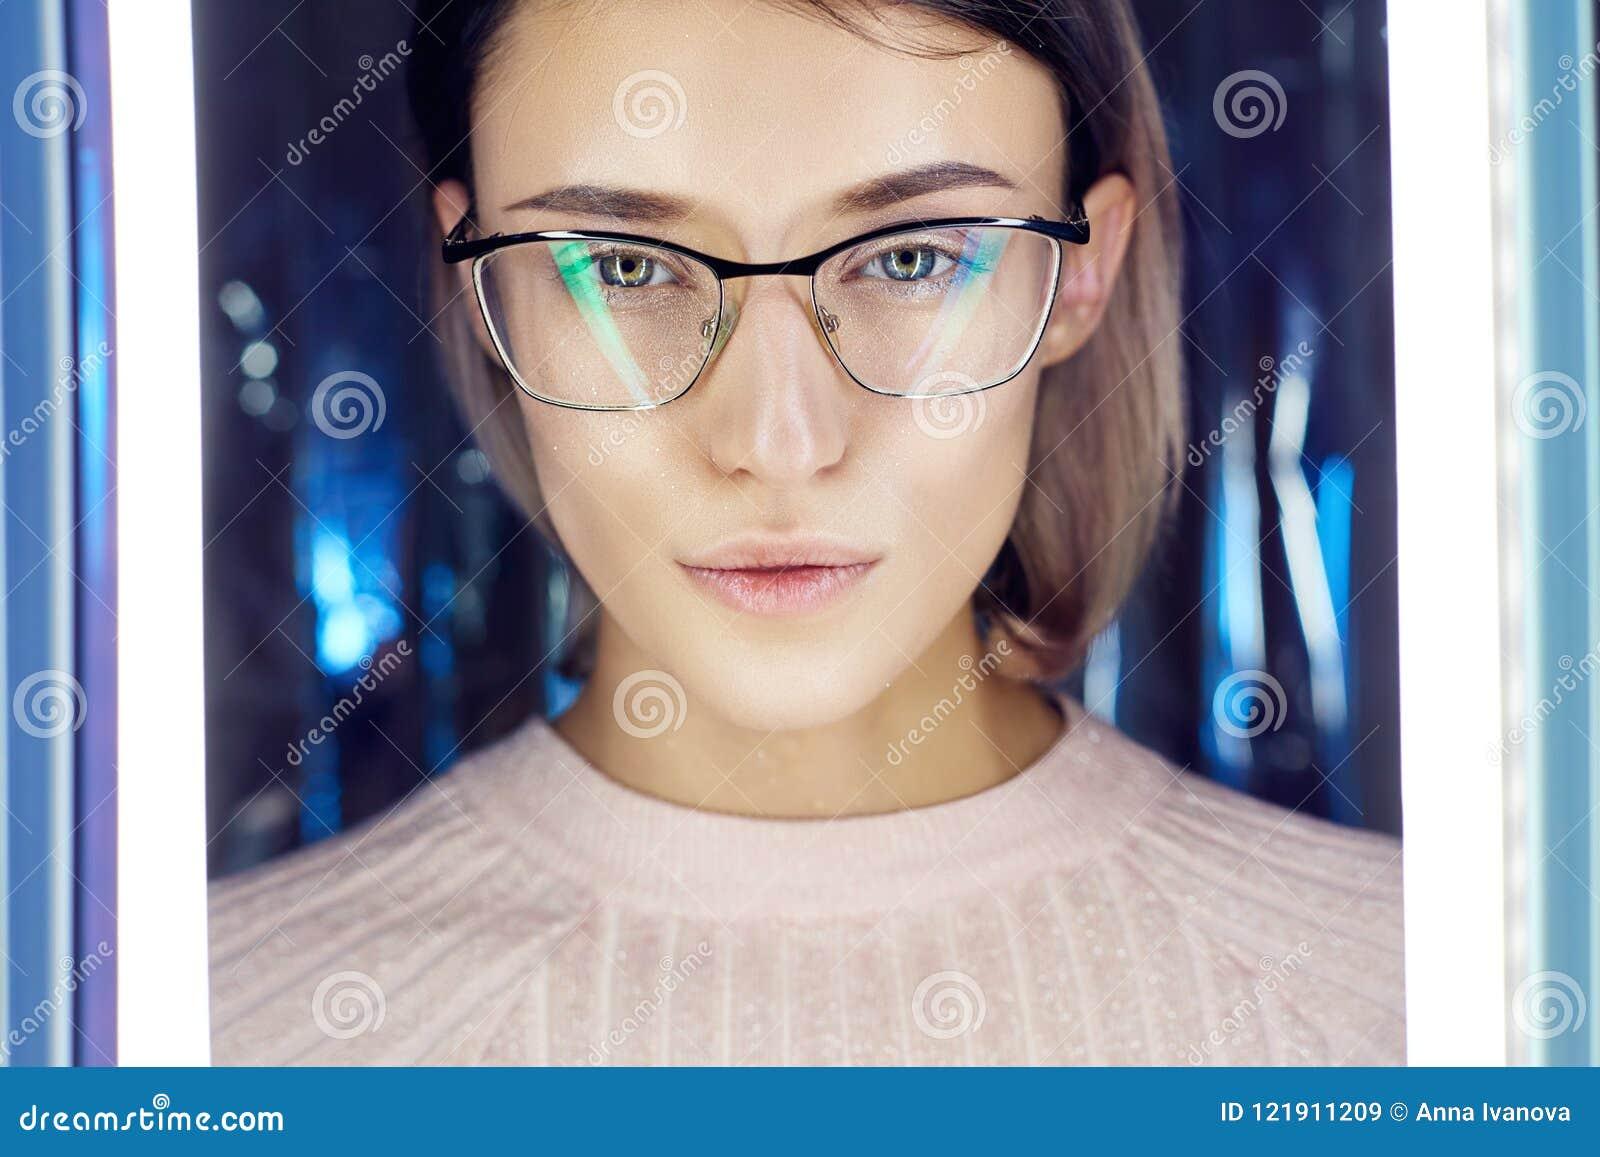 Πορτρέτο μιας γυναίκας χρωματισμένα στα νέο γυαλιά αντανάκλασης στο υπόβαθρο Καλό όραμα, τέλειο makeup στο πρόσωπο κοριτσιών Πορτ